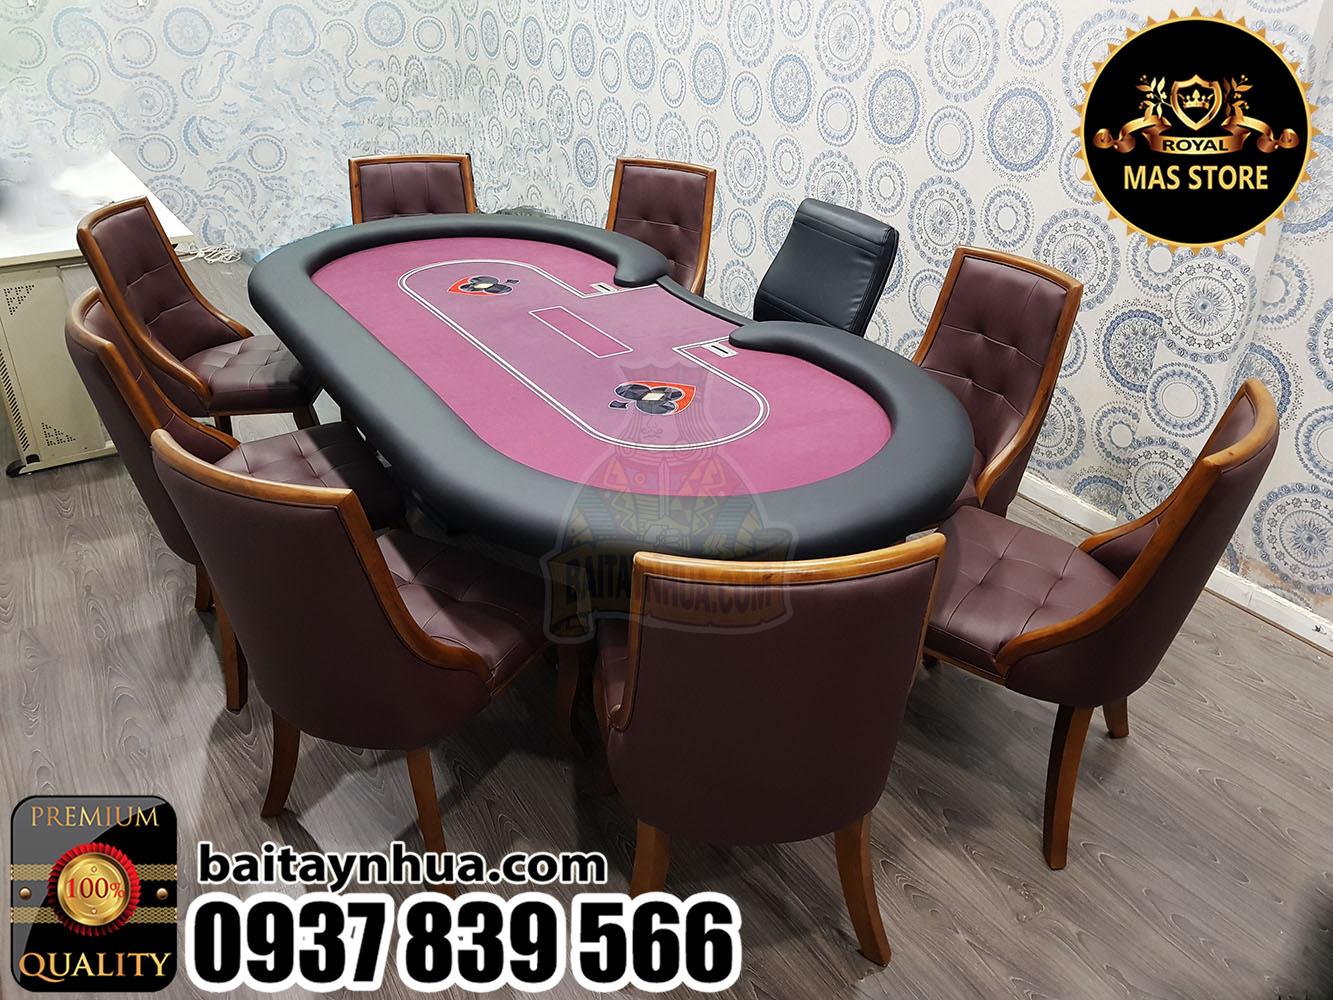 Bàn Poker Cao Cấp 020